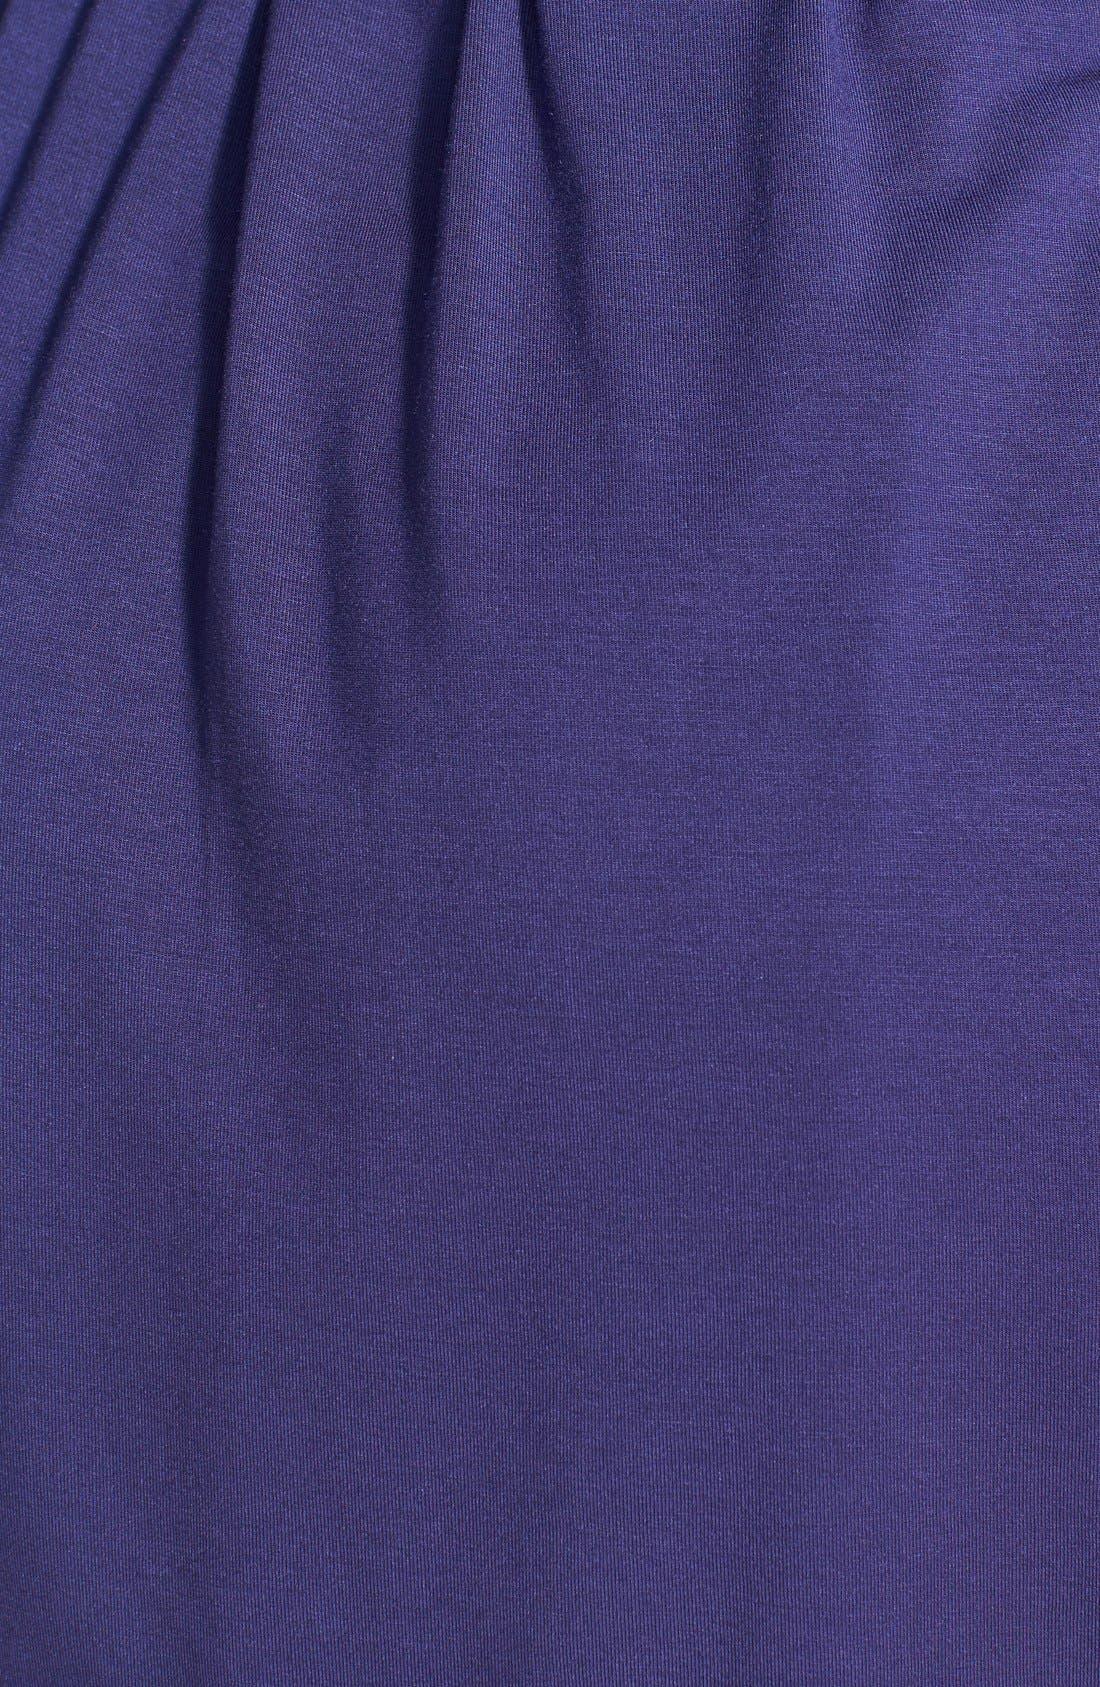 SPLENDID,                             'Boyfriend' Robe,                             Alternate thumbnail 3, color,                             410